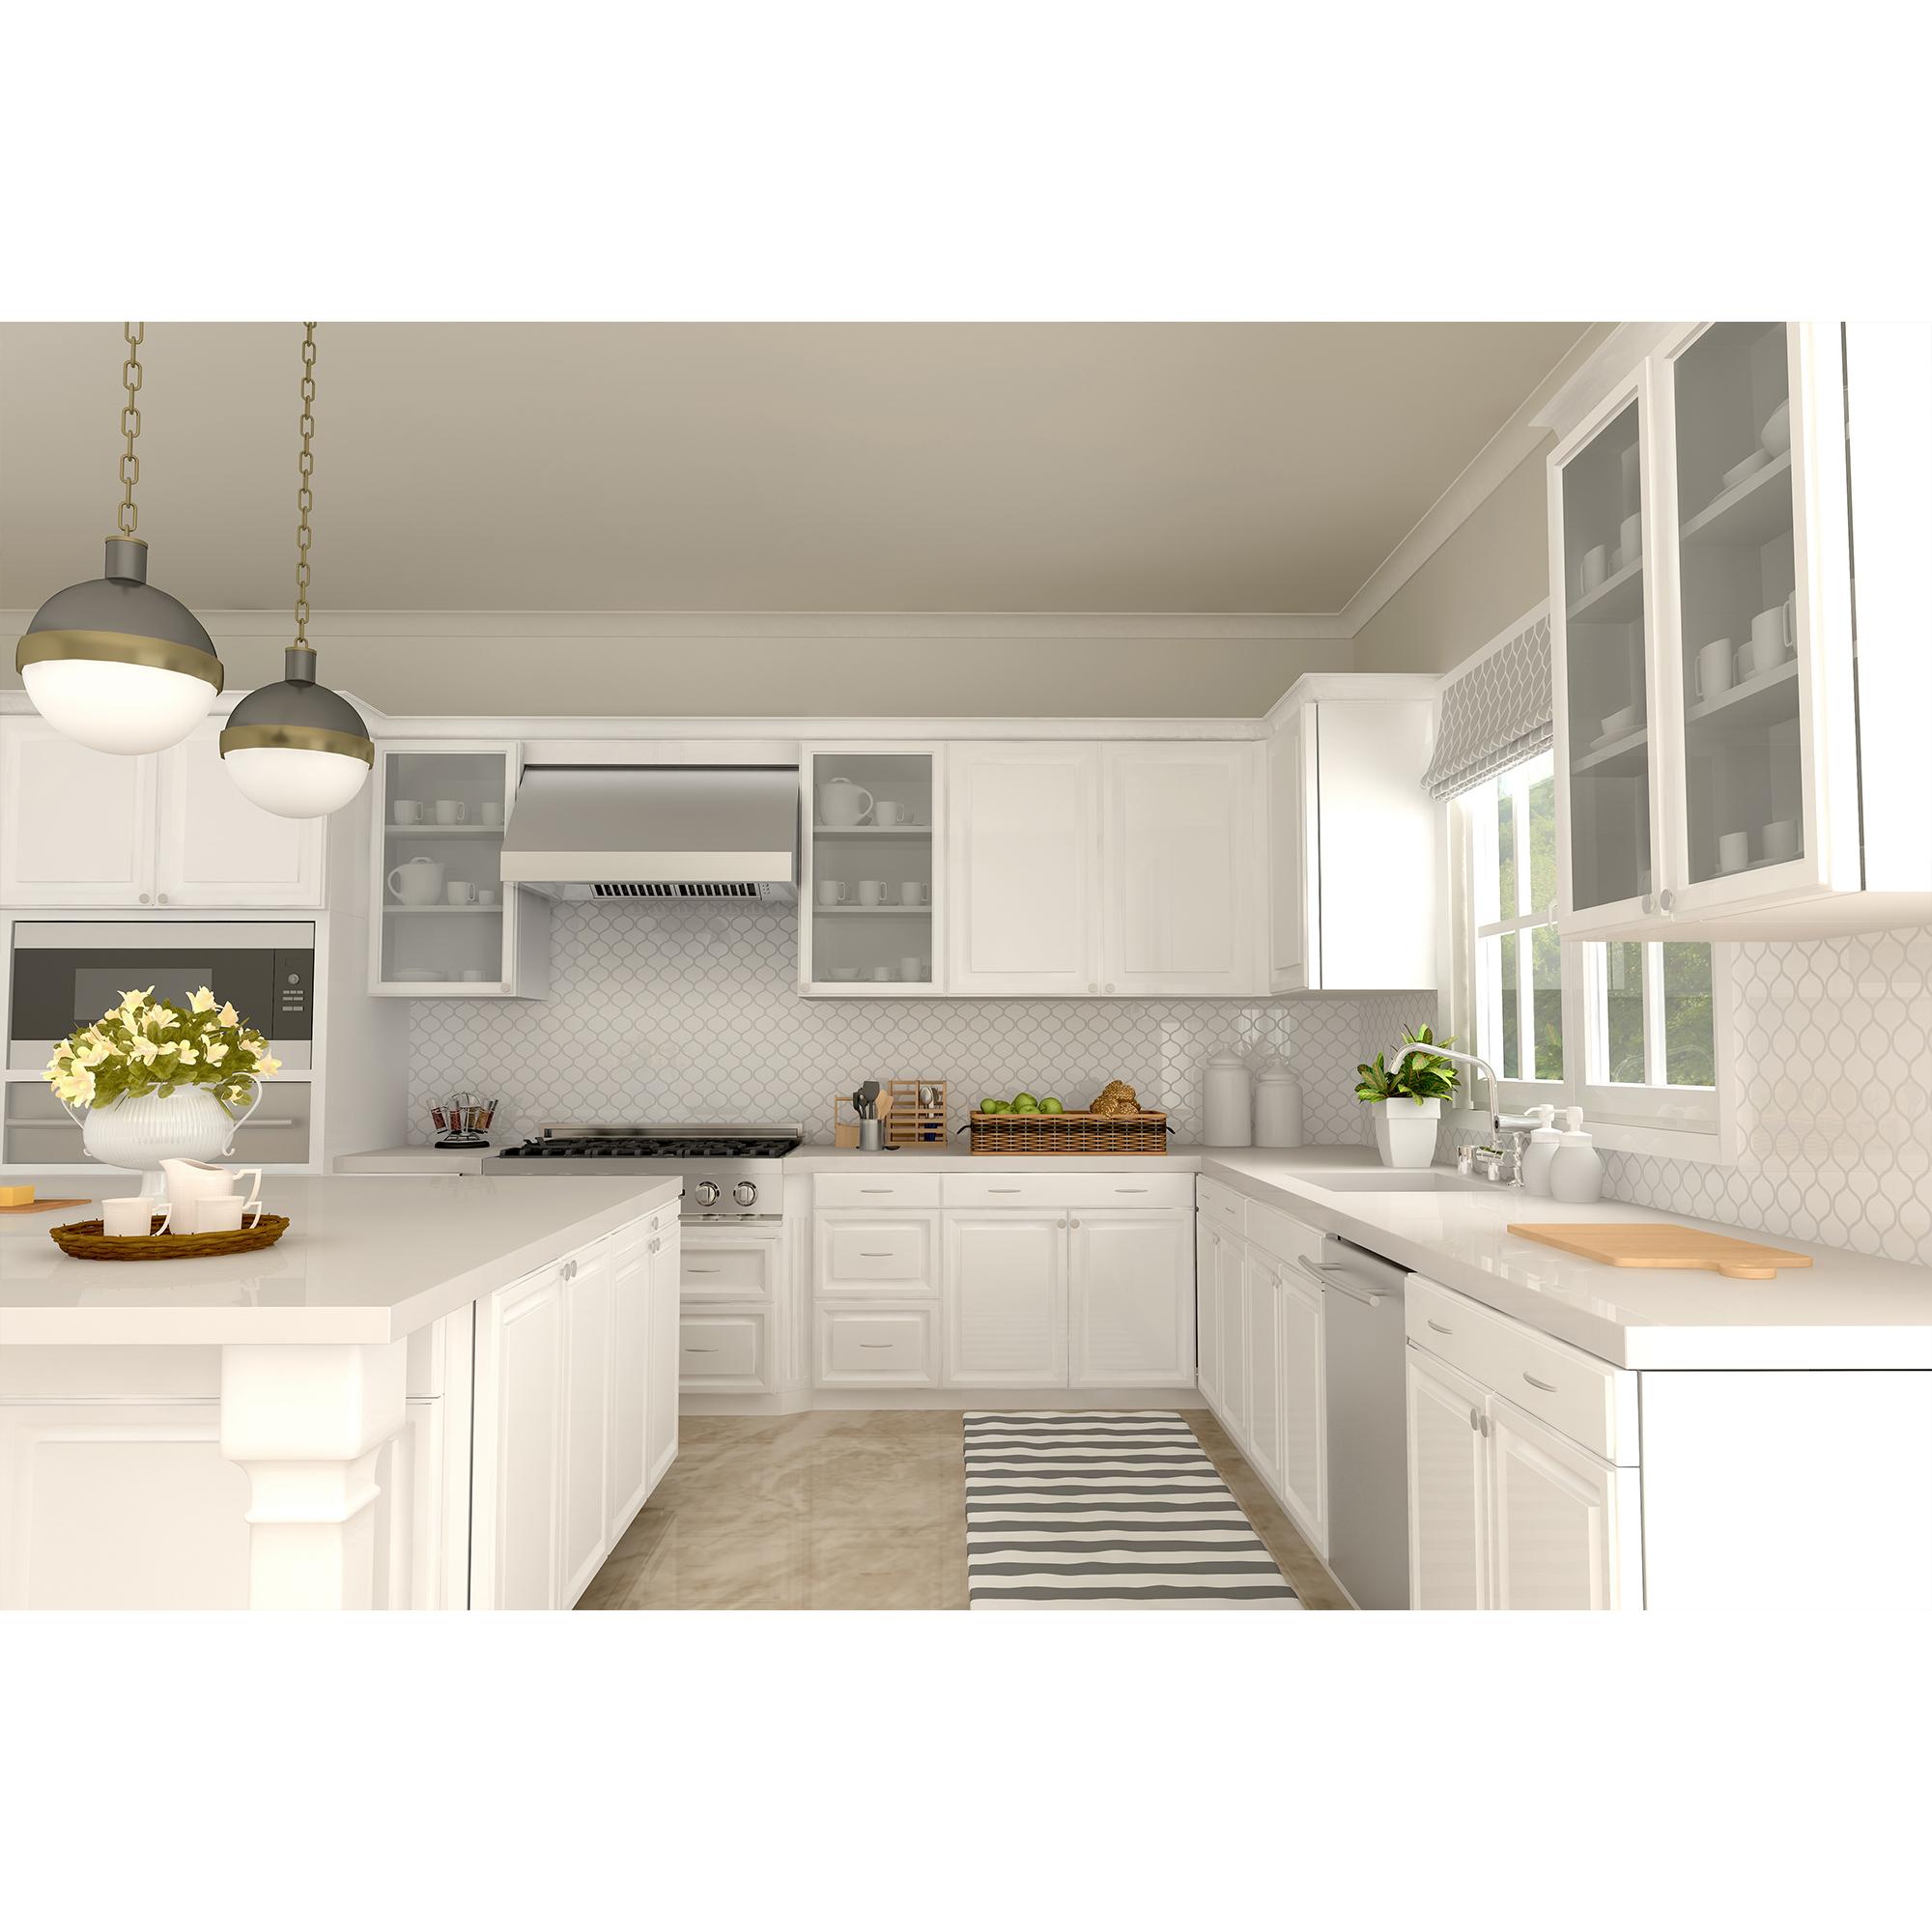 zline-stainless-steel-under-cabinet-range-hood-523-kitchen-updated.jpg